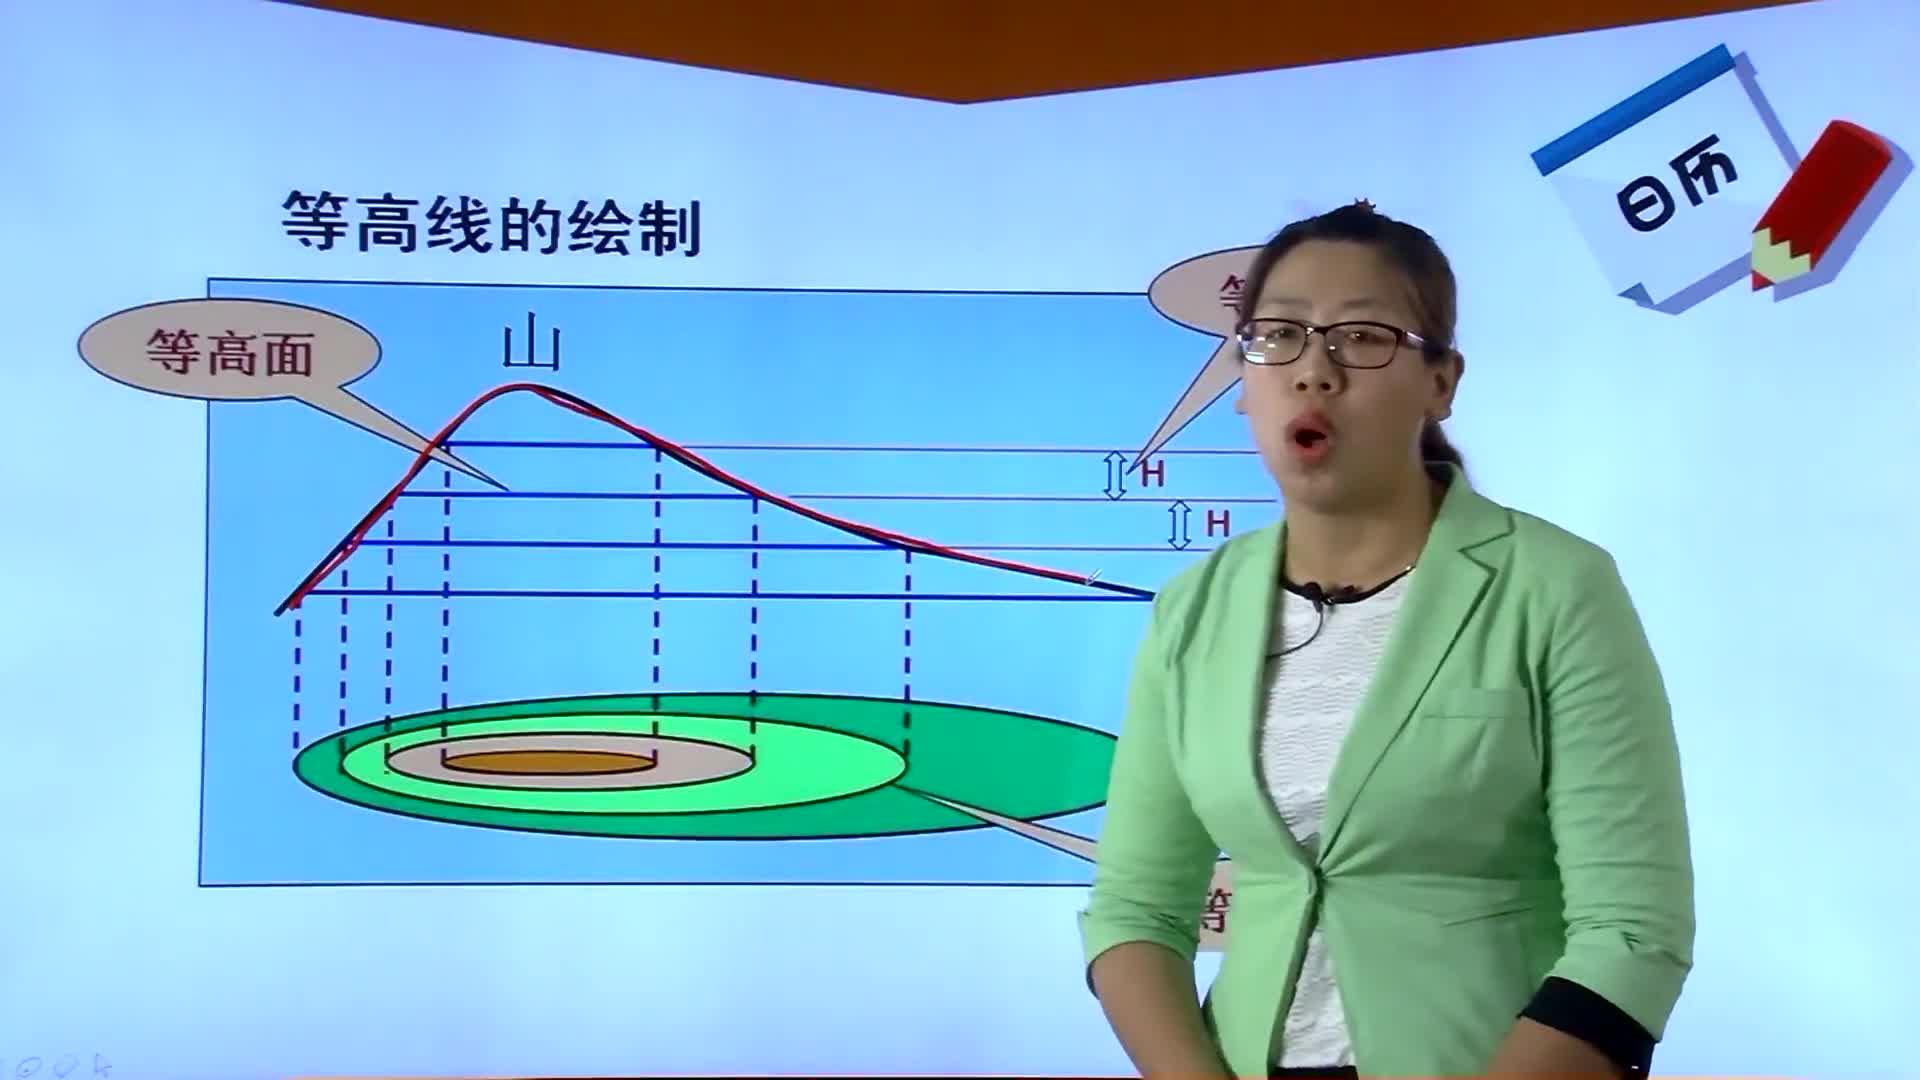 人教版 高中地理 等高线与地形剖面图1-相关计算(孙晓丽)